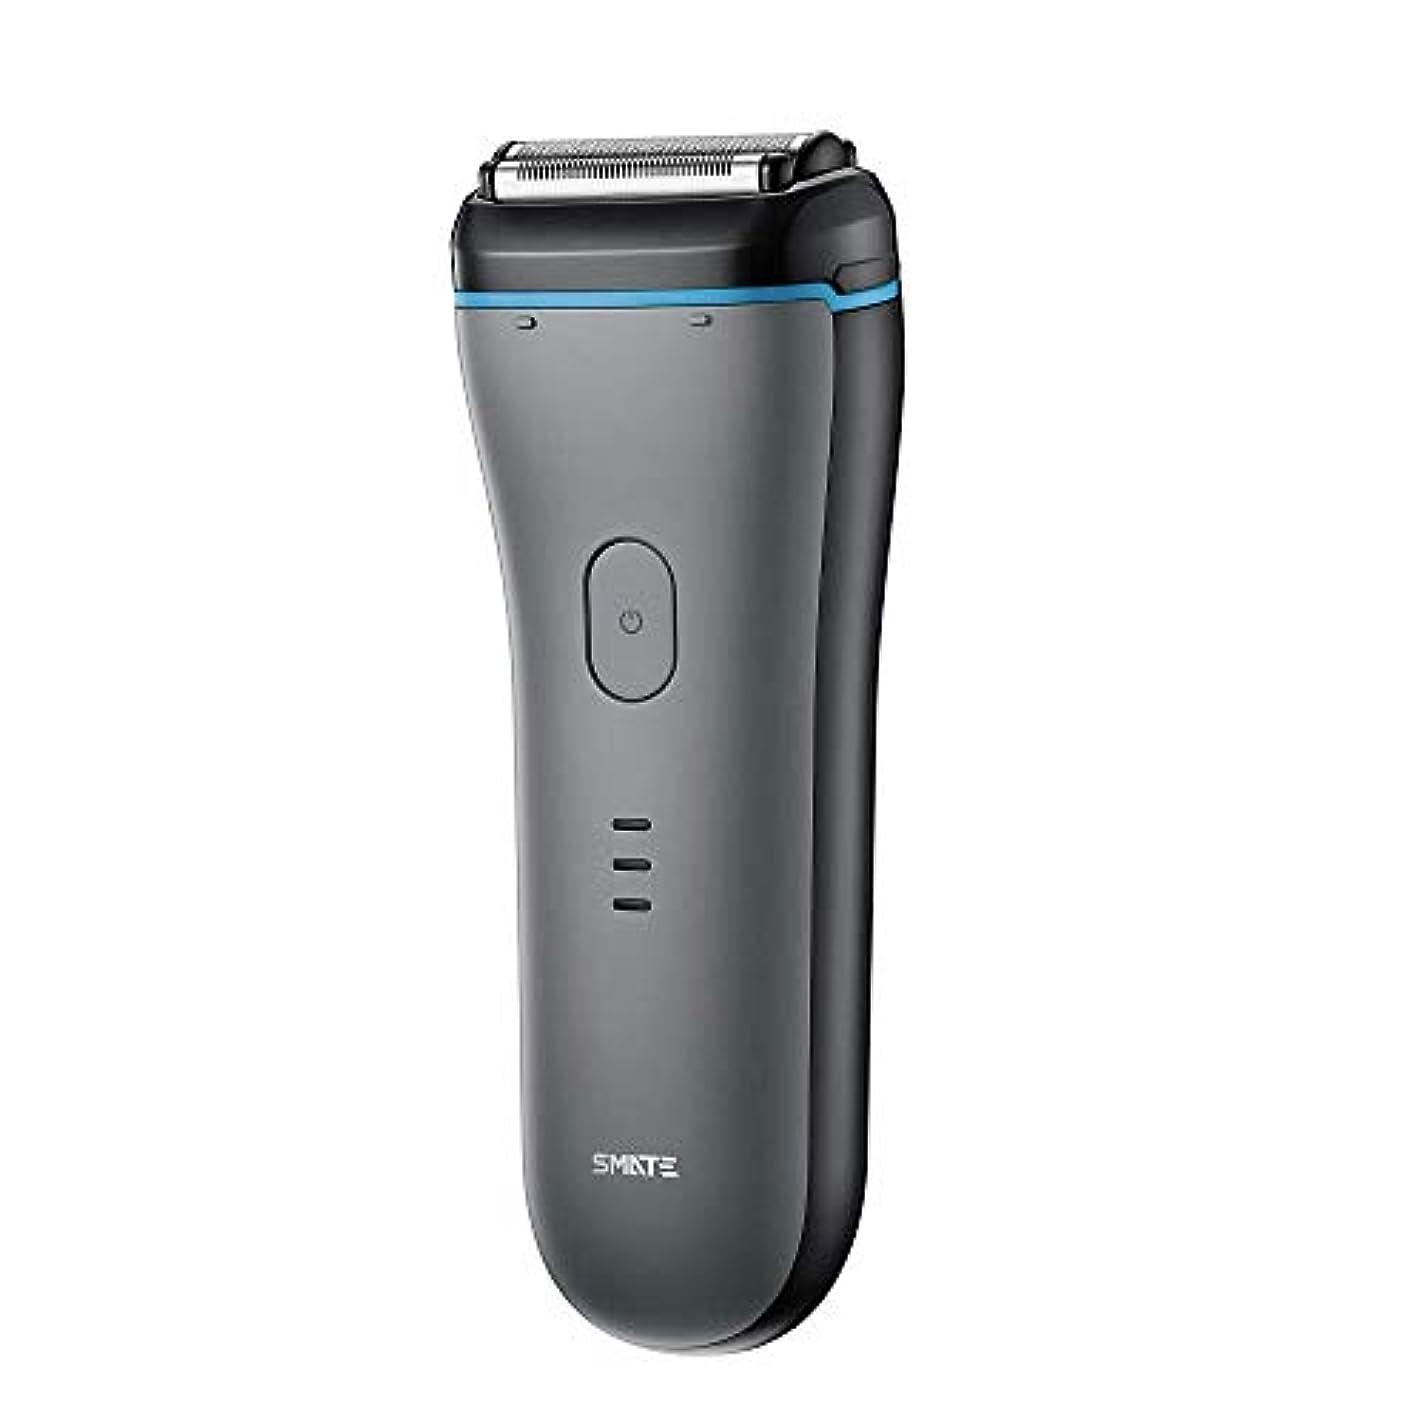 出口村セミナーSMATE ひげそり メンズ電気シェーパー 三枚刃往復式 USB充電式 電動髭剃り IPX7防水仕様 水洗い可 お風呂剃り可 乾湿両用-ブラック